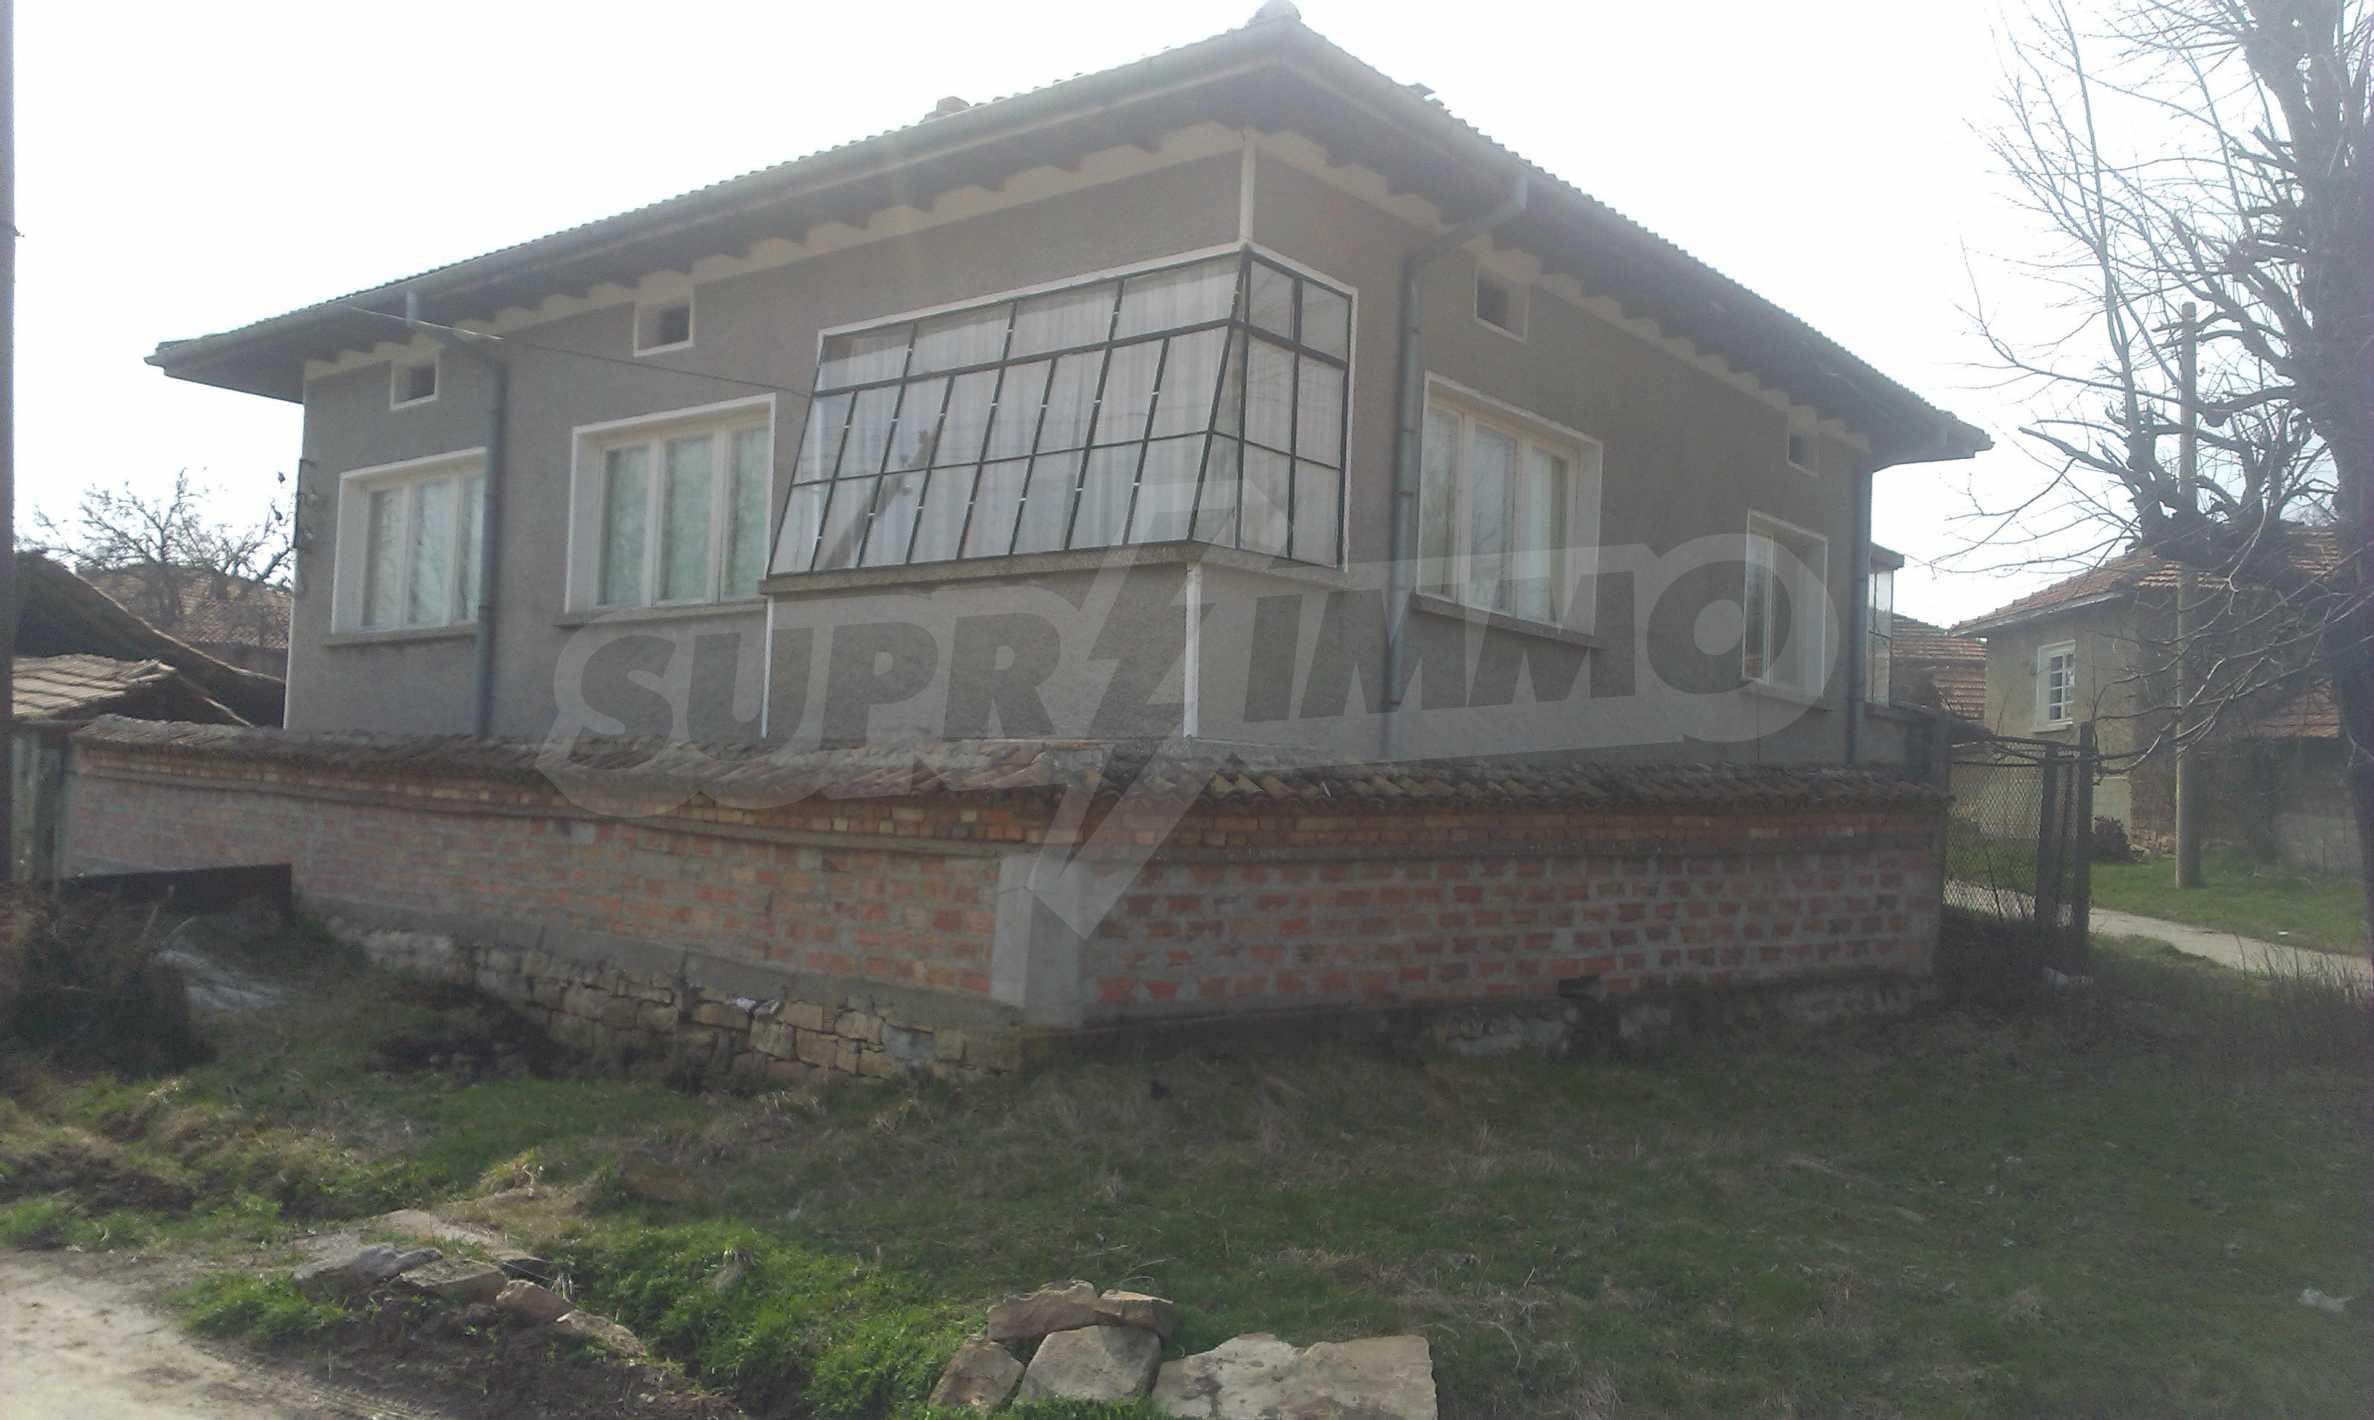 Großes zweistöckiges Backsteinhaus in einem Dorf 40 km von Veliko Tarnovo entfernt 25